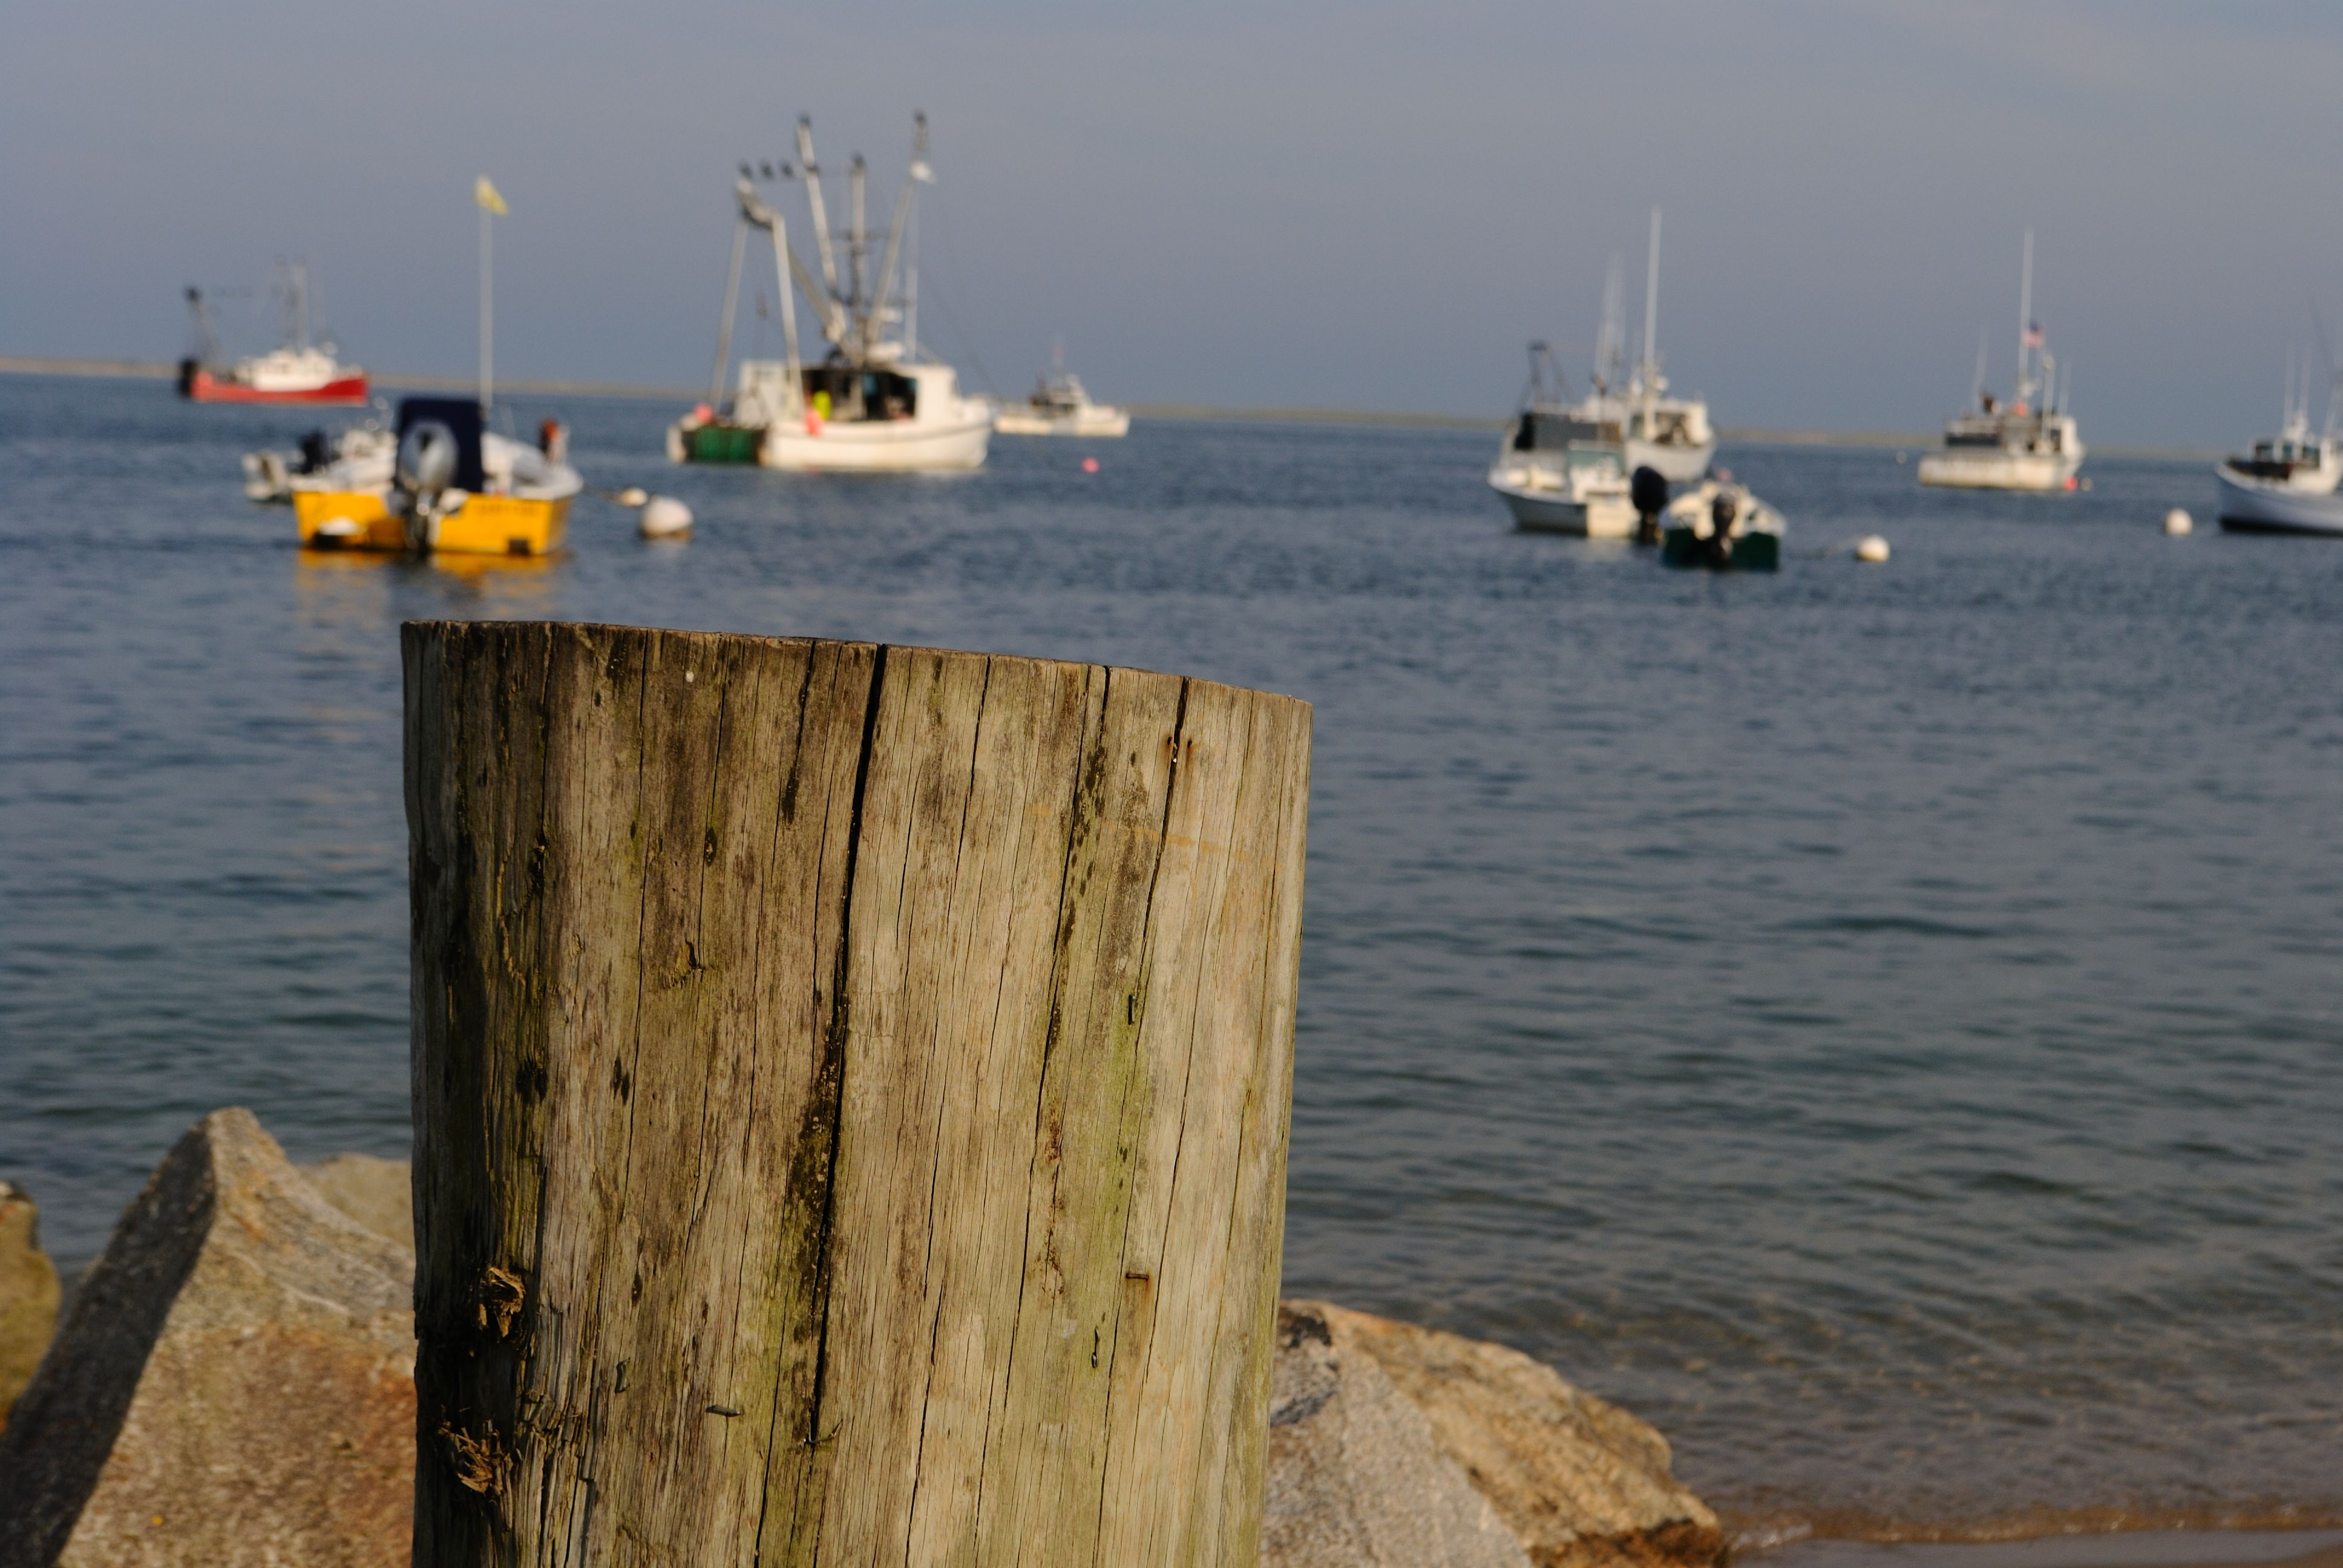 Pier in Cape Cod